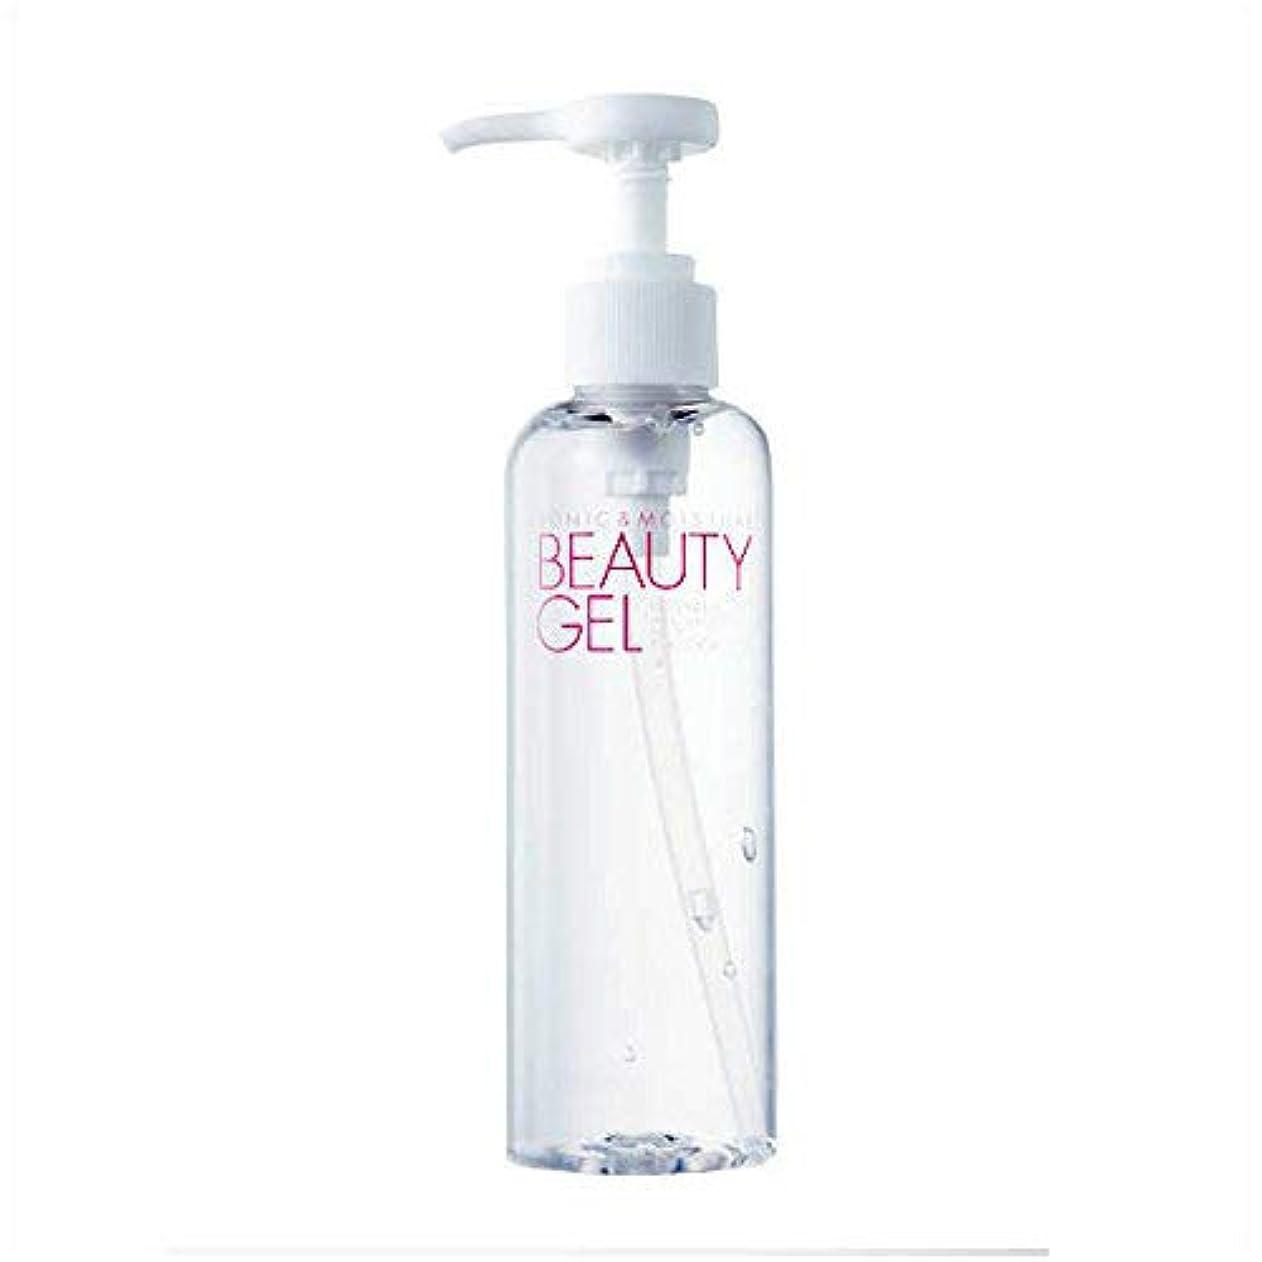 一時解雇する味付けアジテーションエビス化粧品(EBiS) 美顔器ジェル ビューティージェル 210g 超音波美顔器ジェル ツインエレナイザーpro2対応